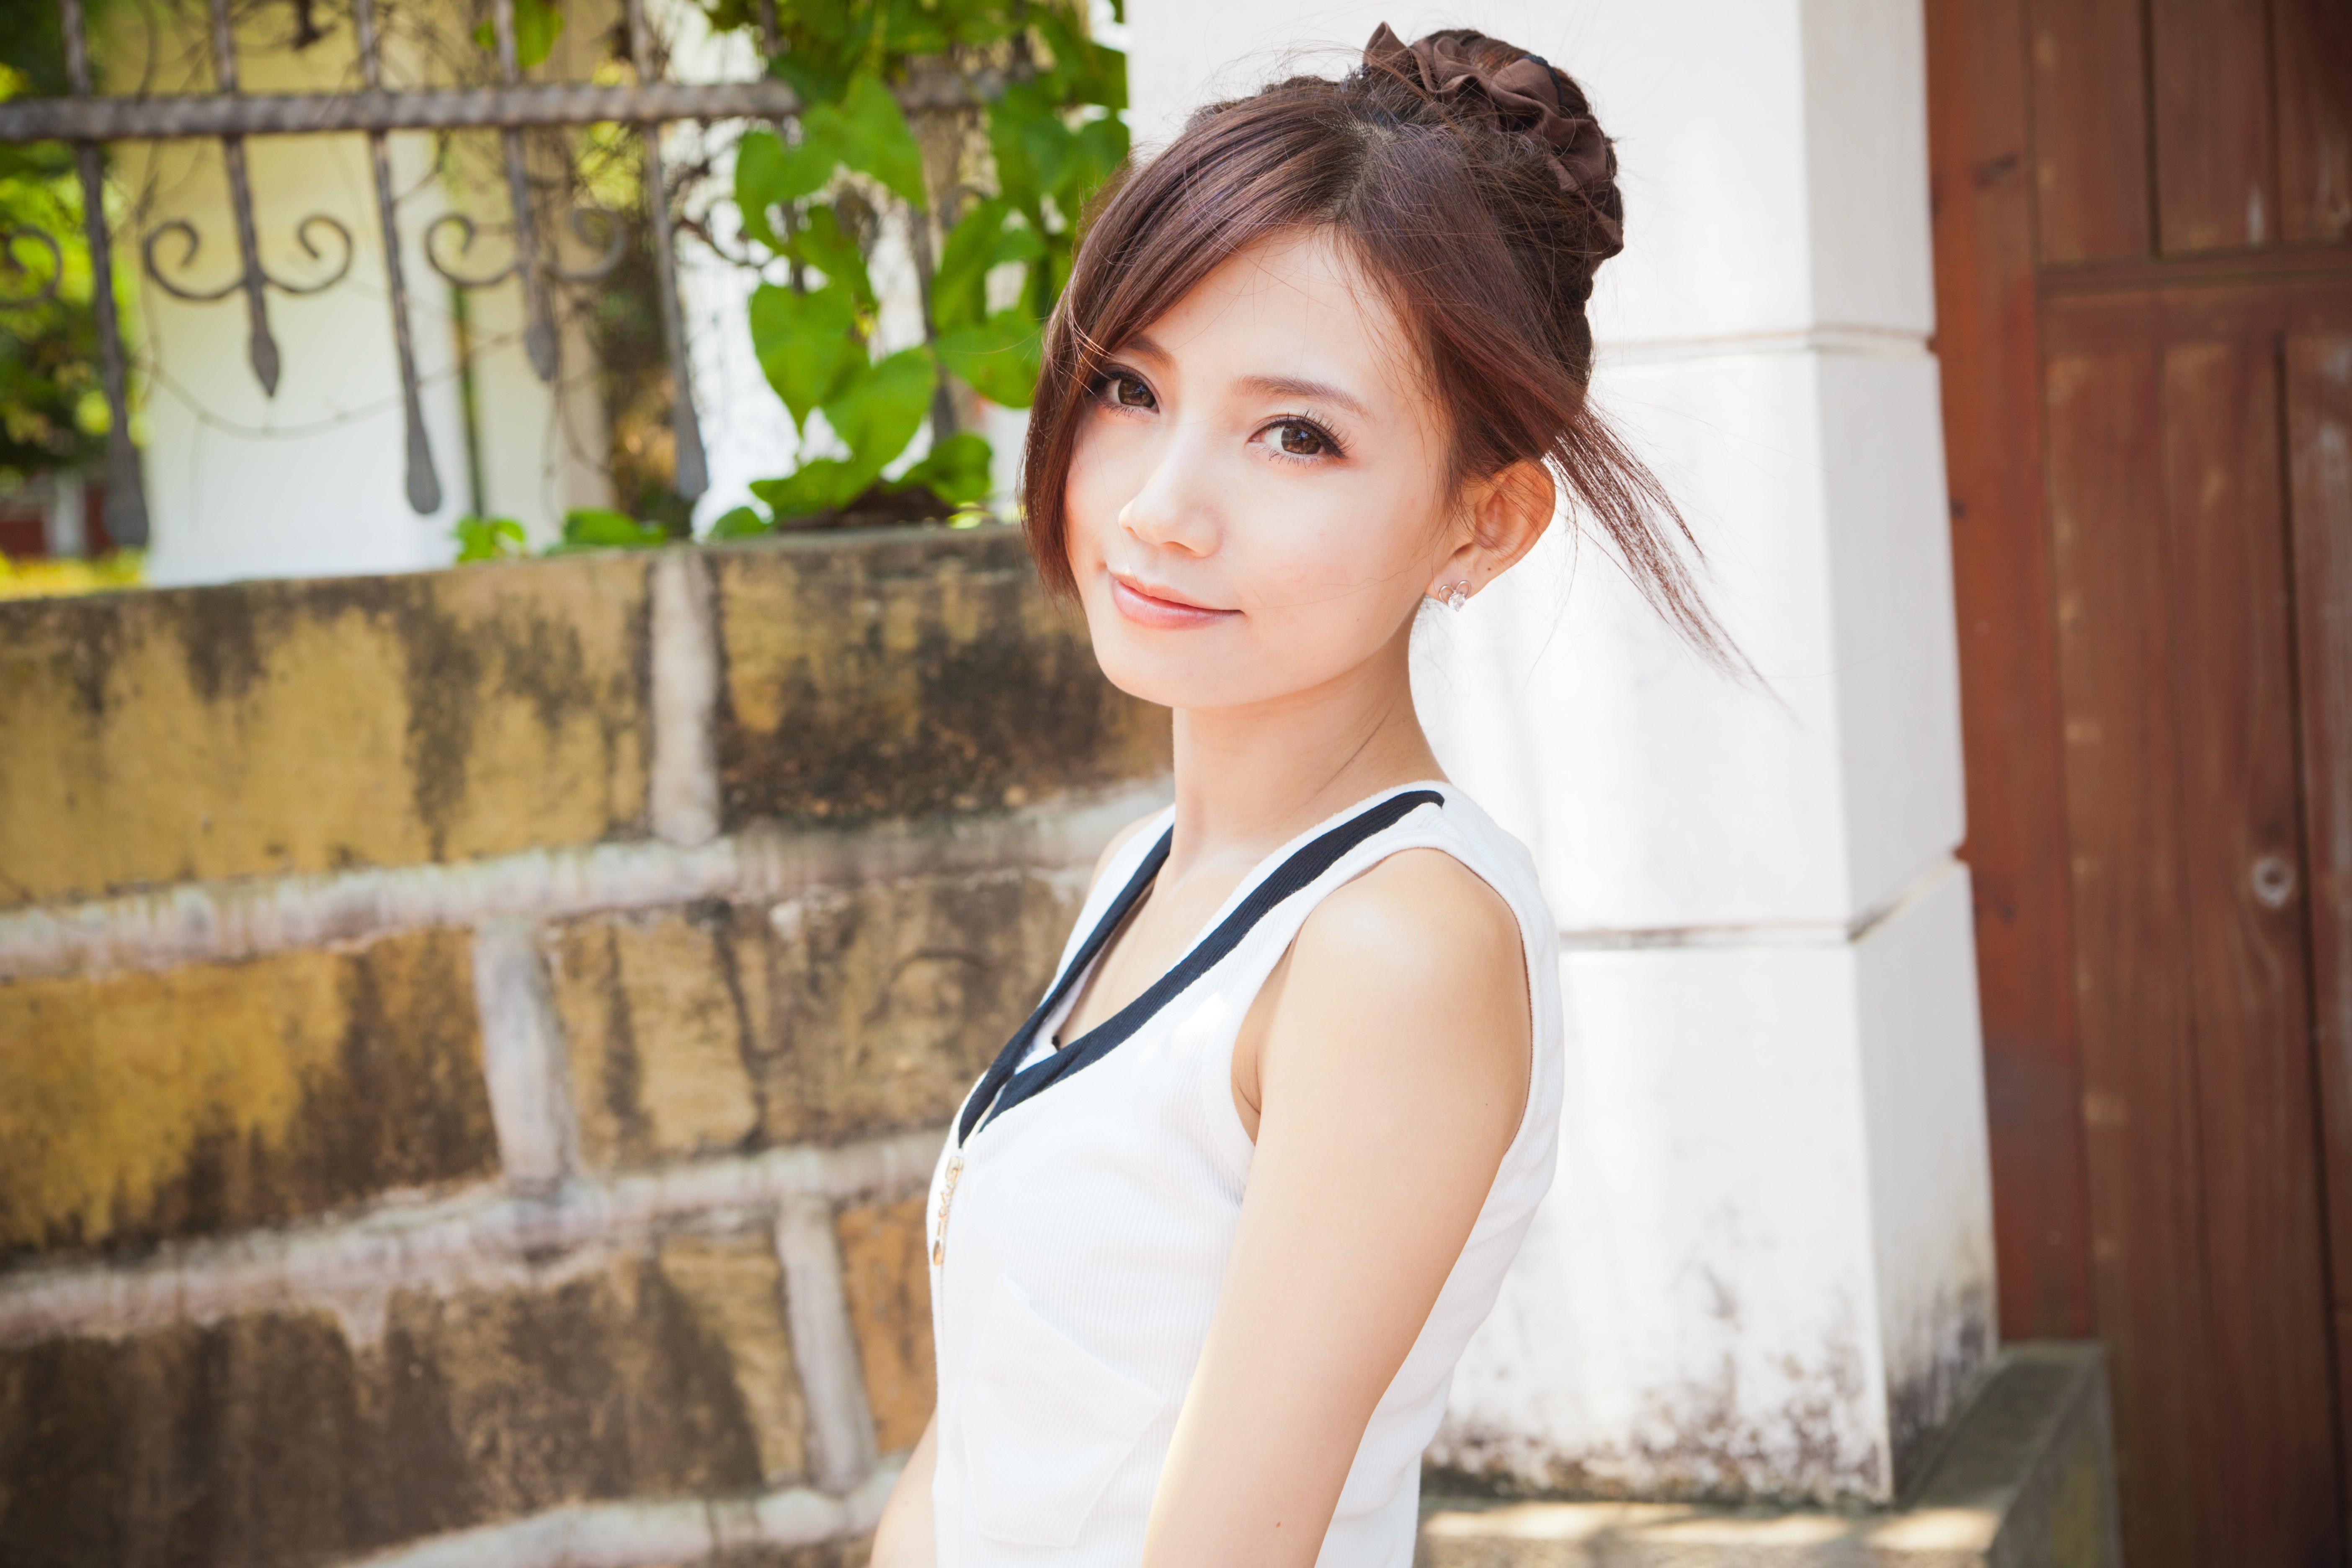 Дешевые девушки азиатки